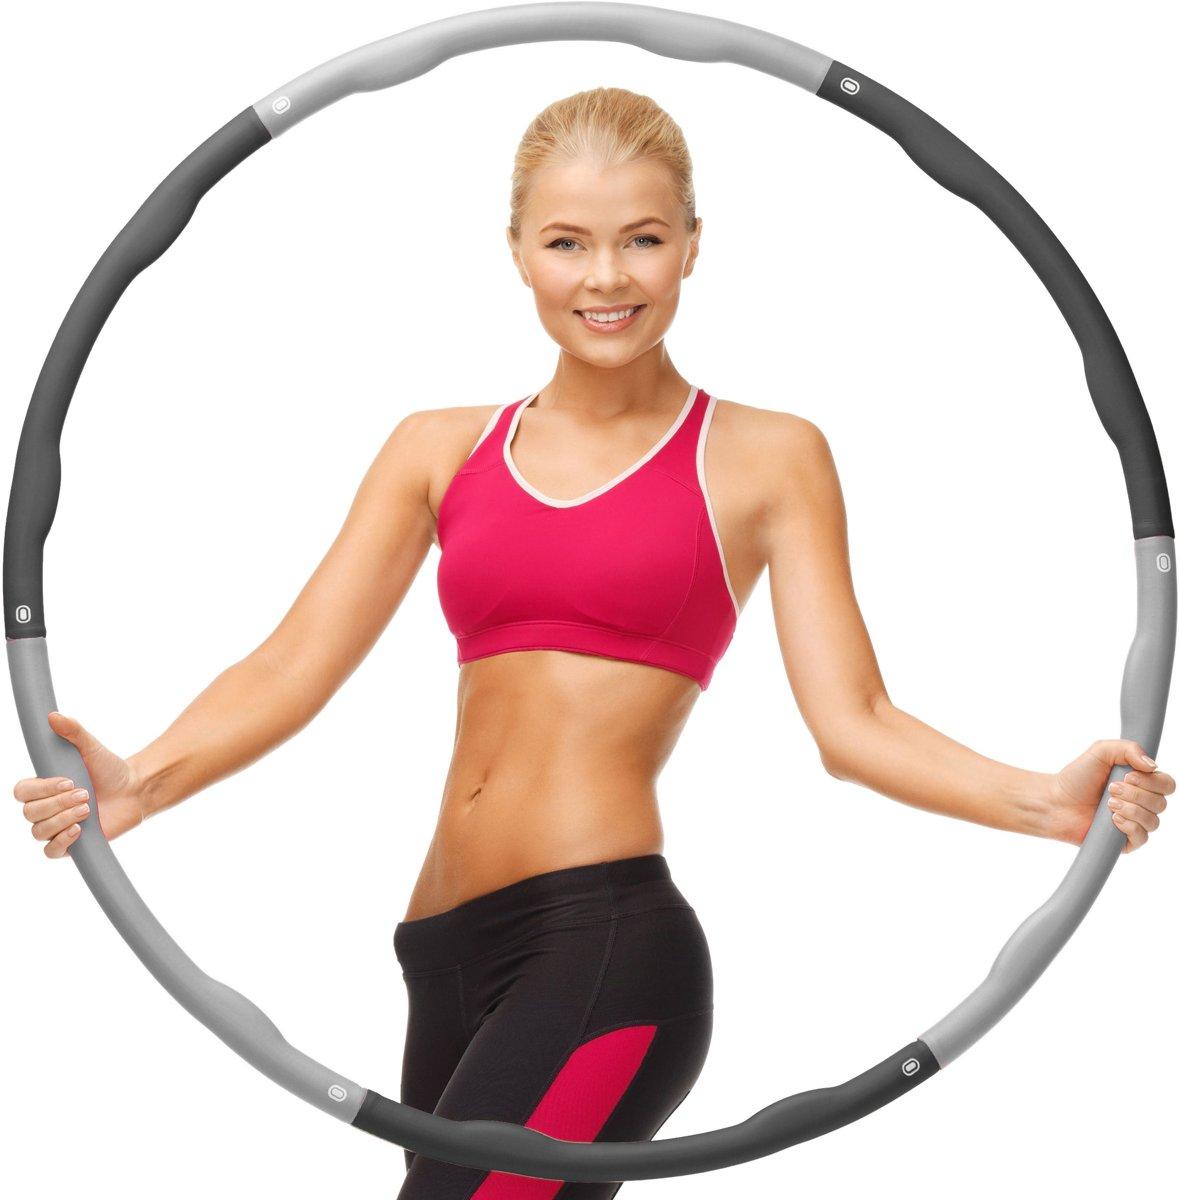 Weight Hoop Original - Fitness hoelahoep - met DVD - 1.8 kg - Ø 100 cm - Zwart/Grijs kopen